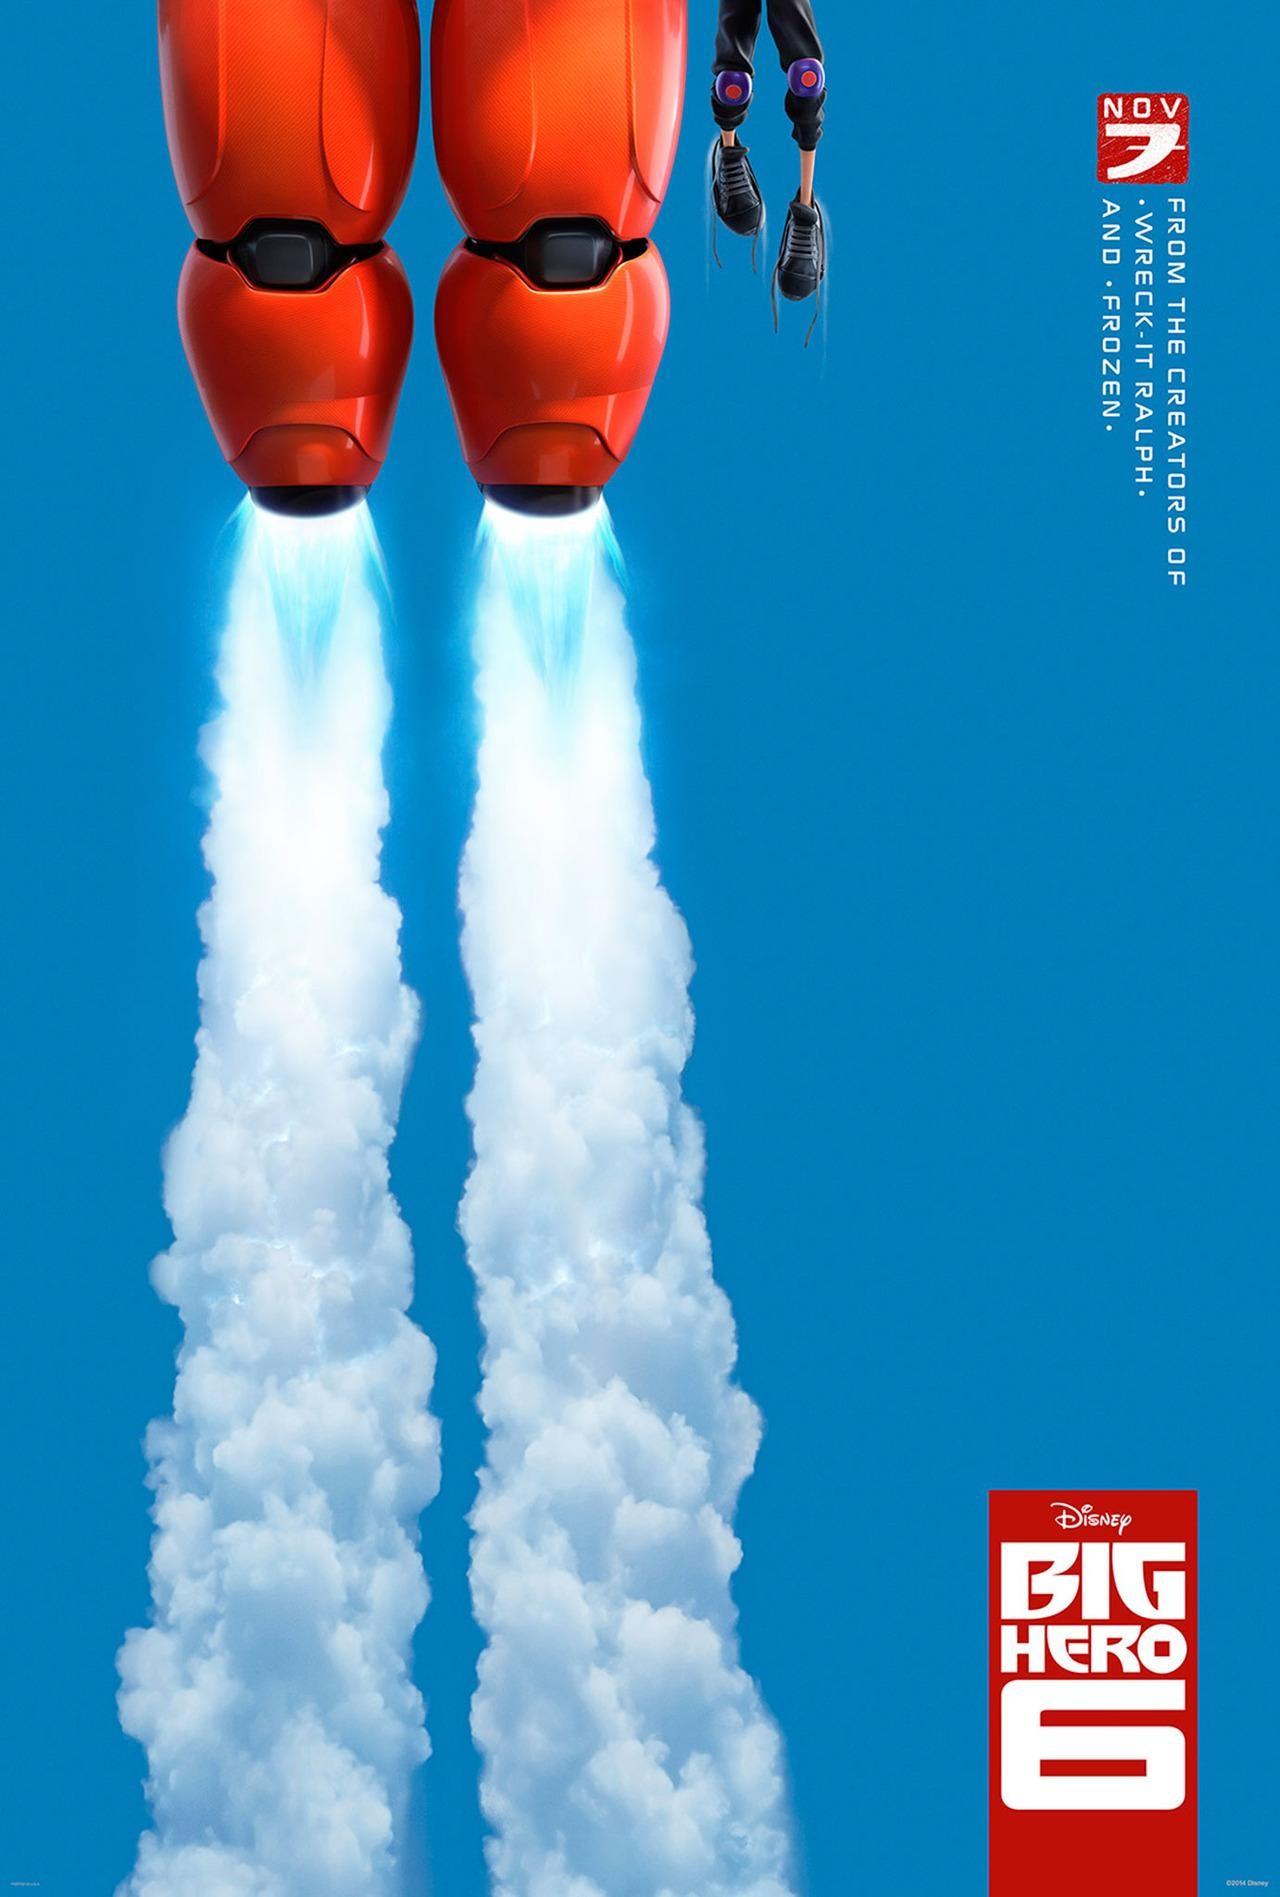 affiche poster nouveaux heros big 6 disney